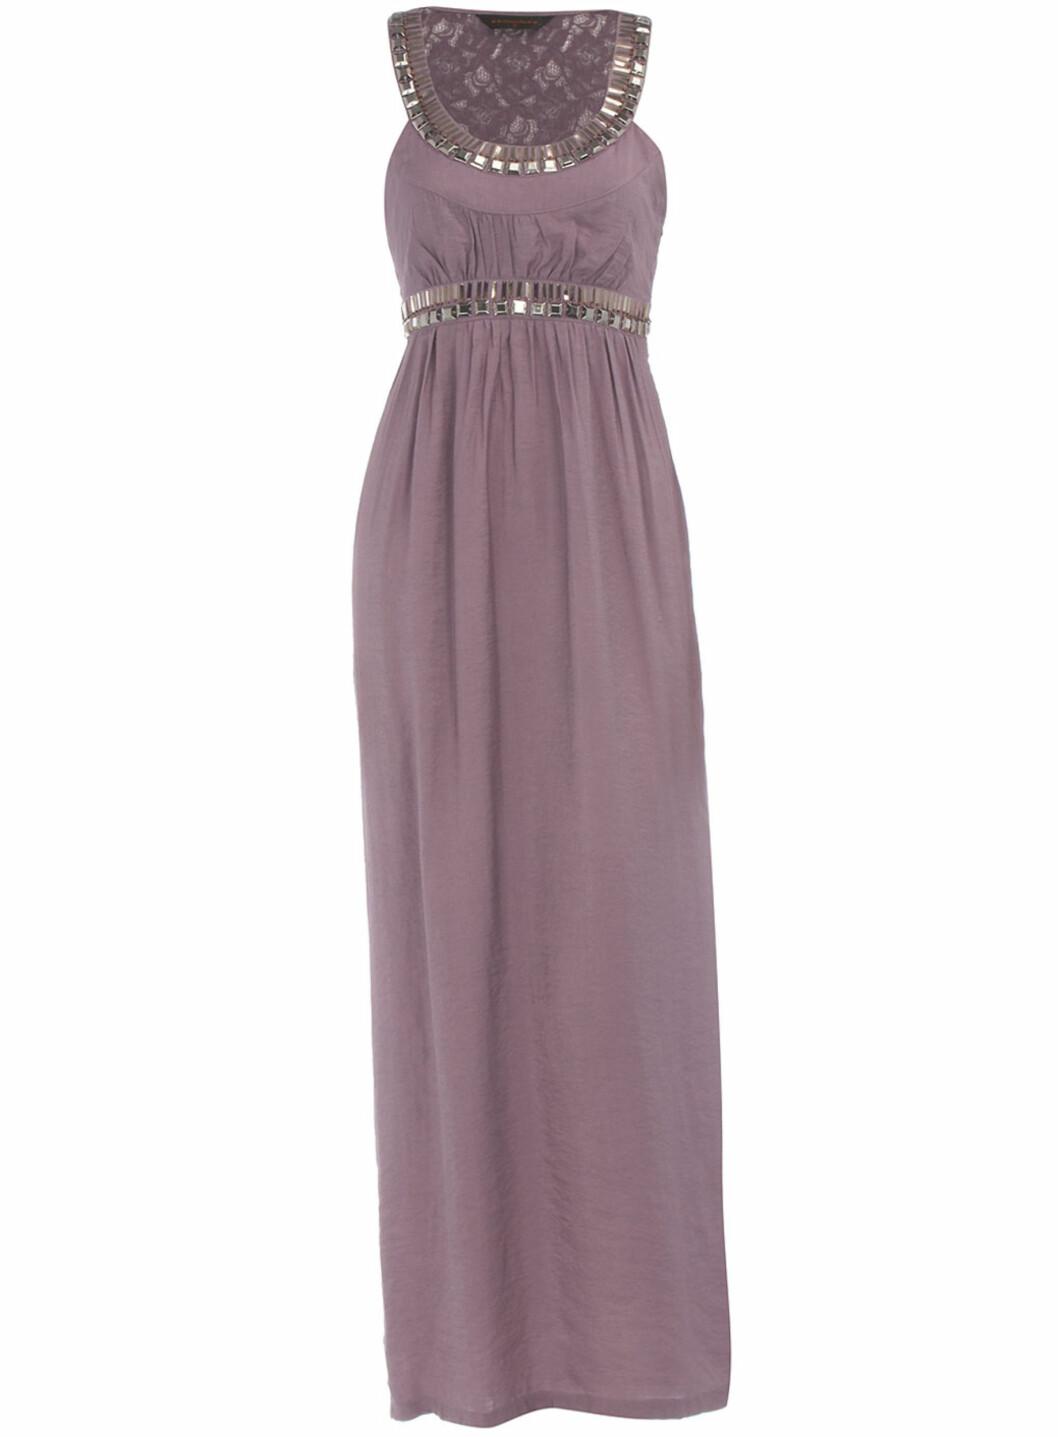 Fotsid lilla kjole (ca kr.200/DorothyPerkins.com). Nå på salg, i størrelse 12 og 14.  Foto: Produsenten